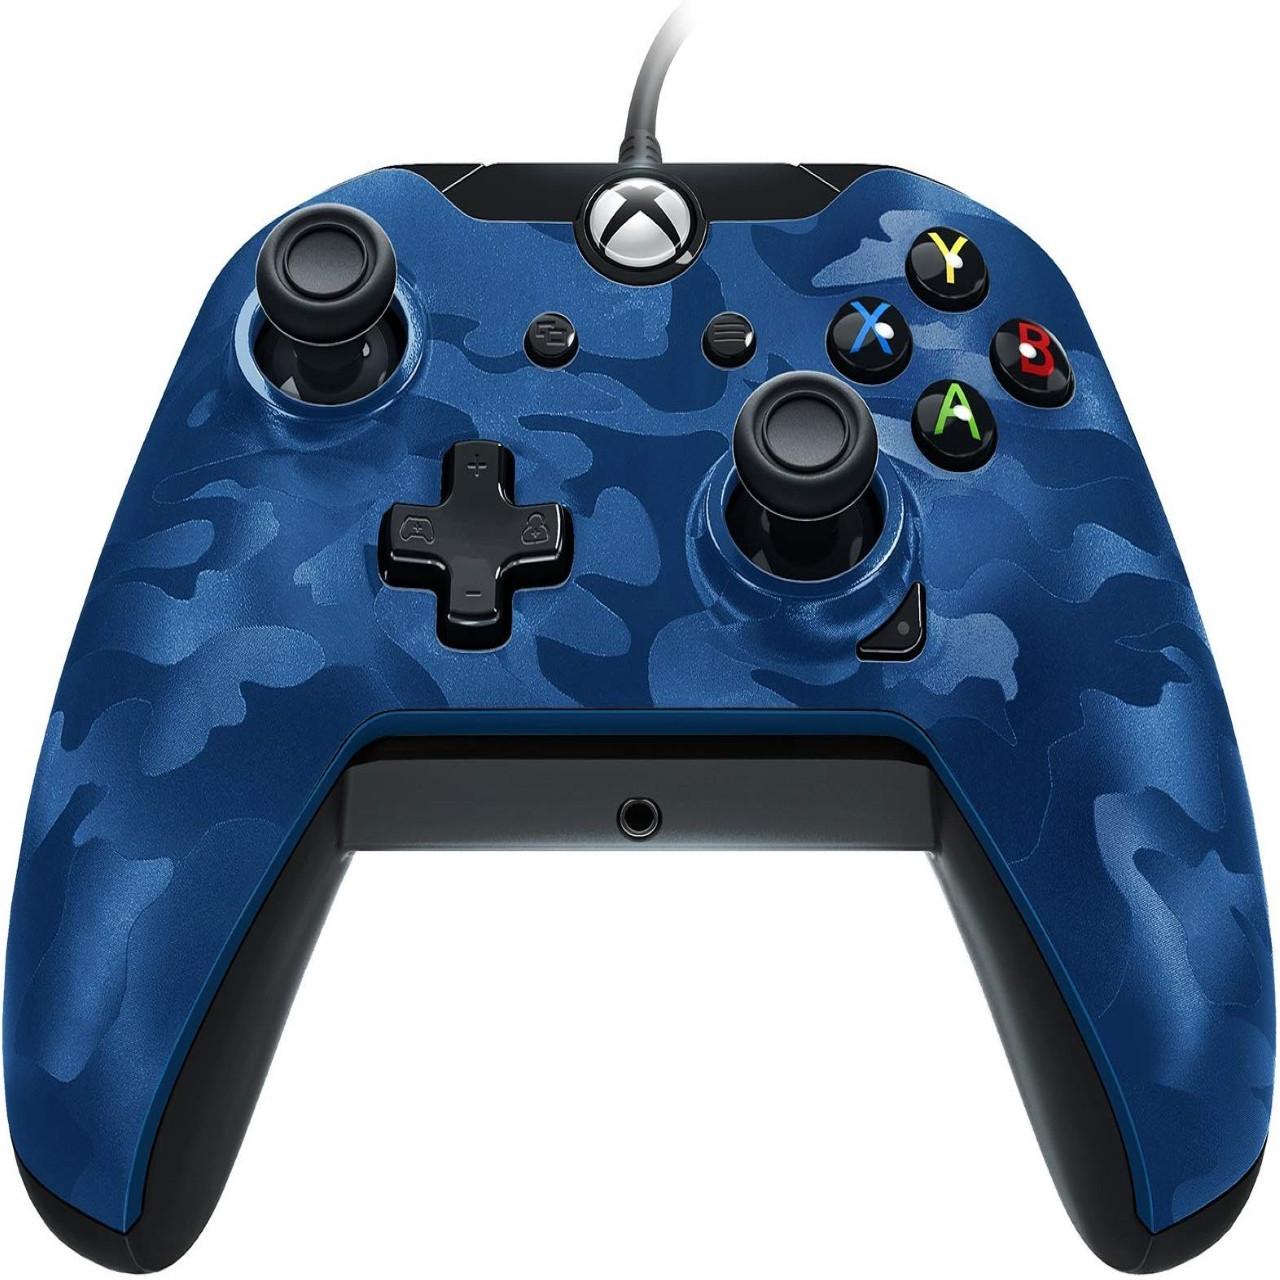 Геймпад (джойстик) Microsoft Xbox ONE,PC Wired Controller PDP XO Blue-Camo  (проводной)